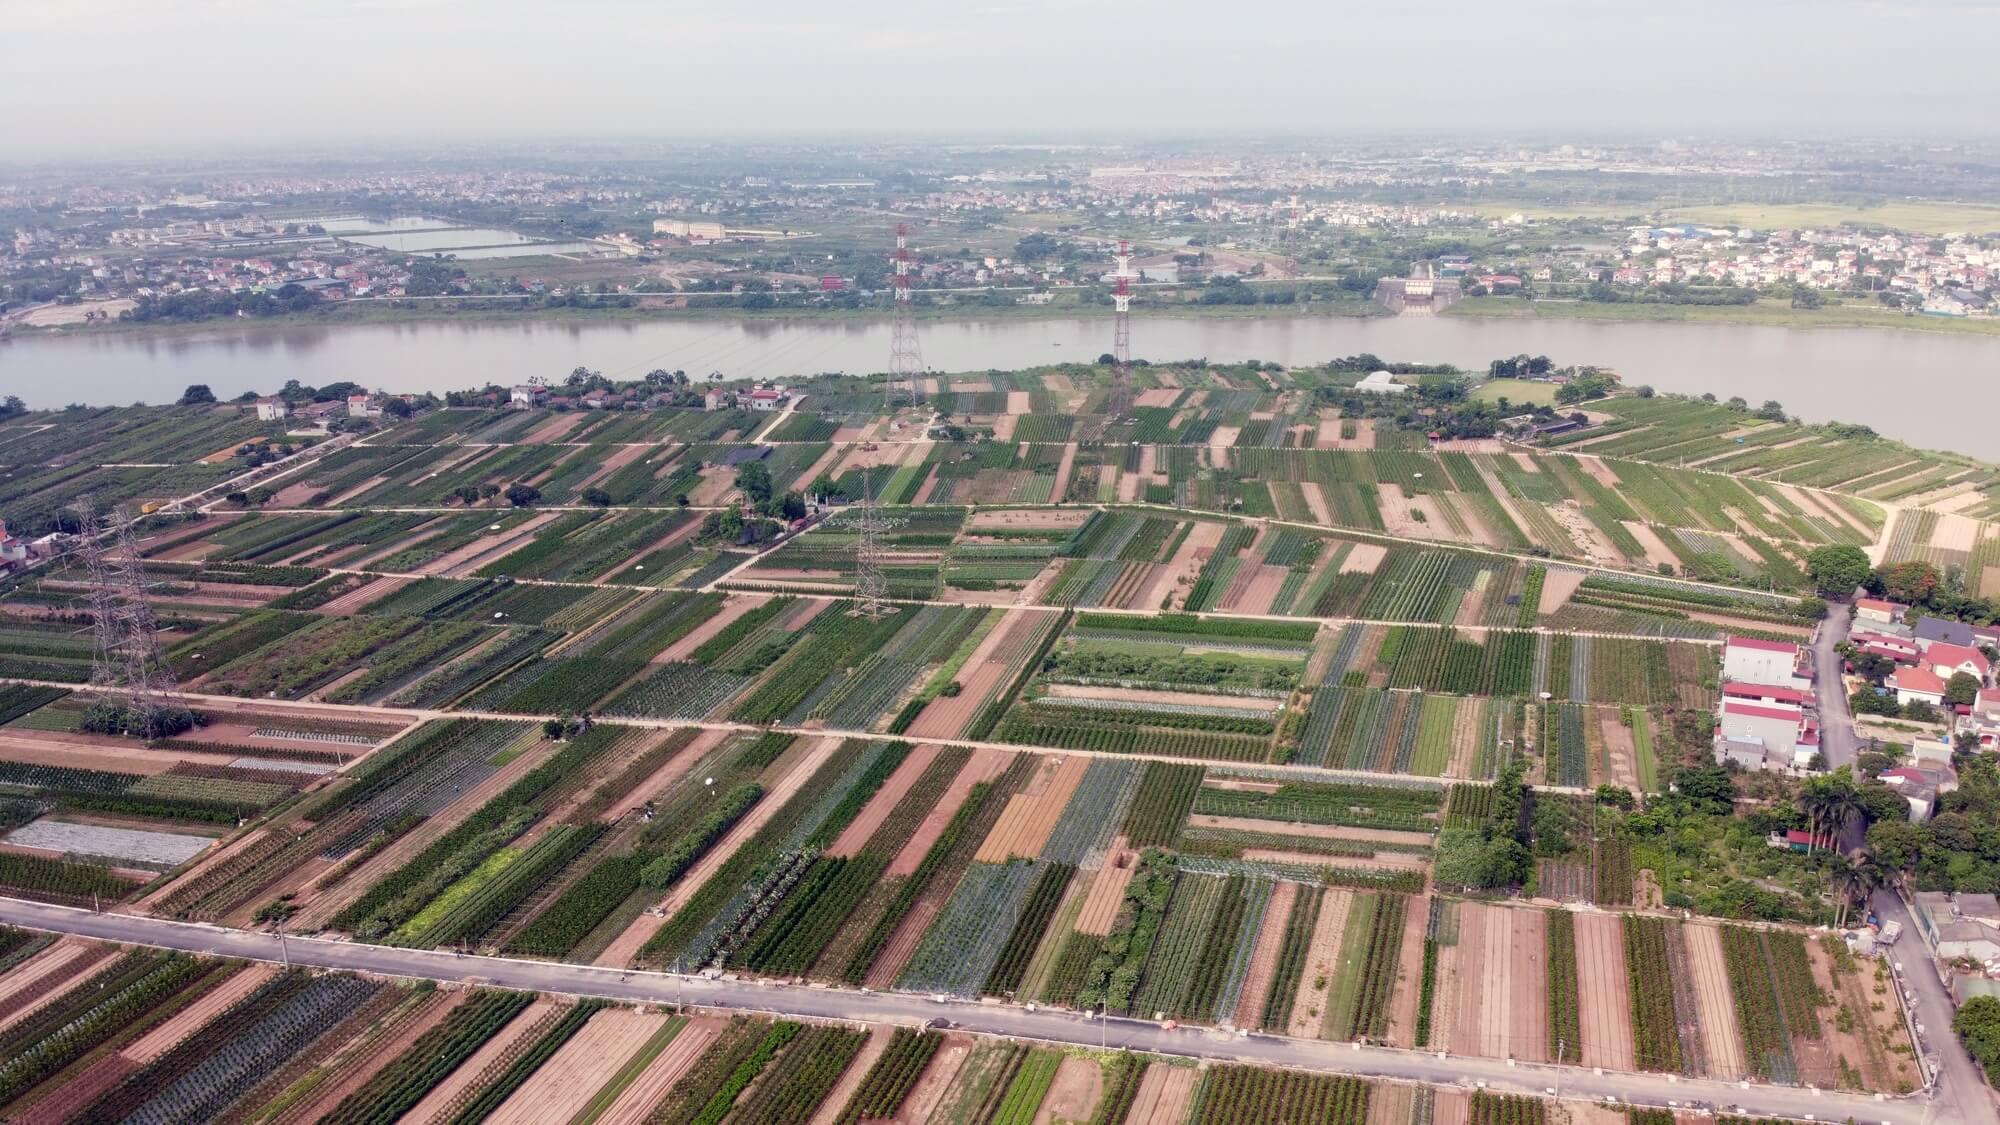 Trên địa bàn Văn Giang, tuyến cầu, đường chạy gần với đường dây 500kv.